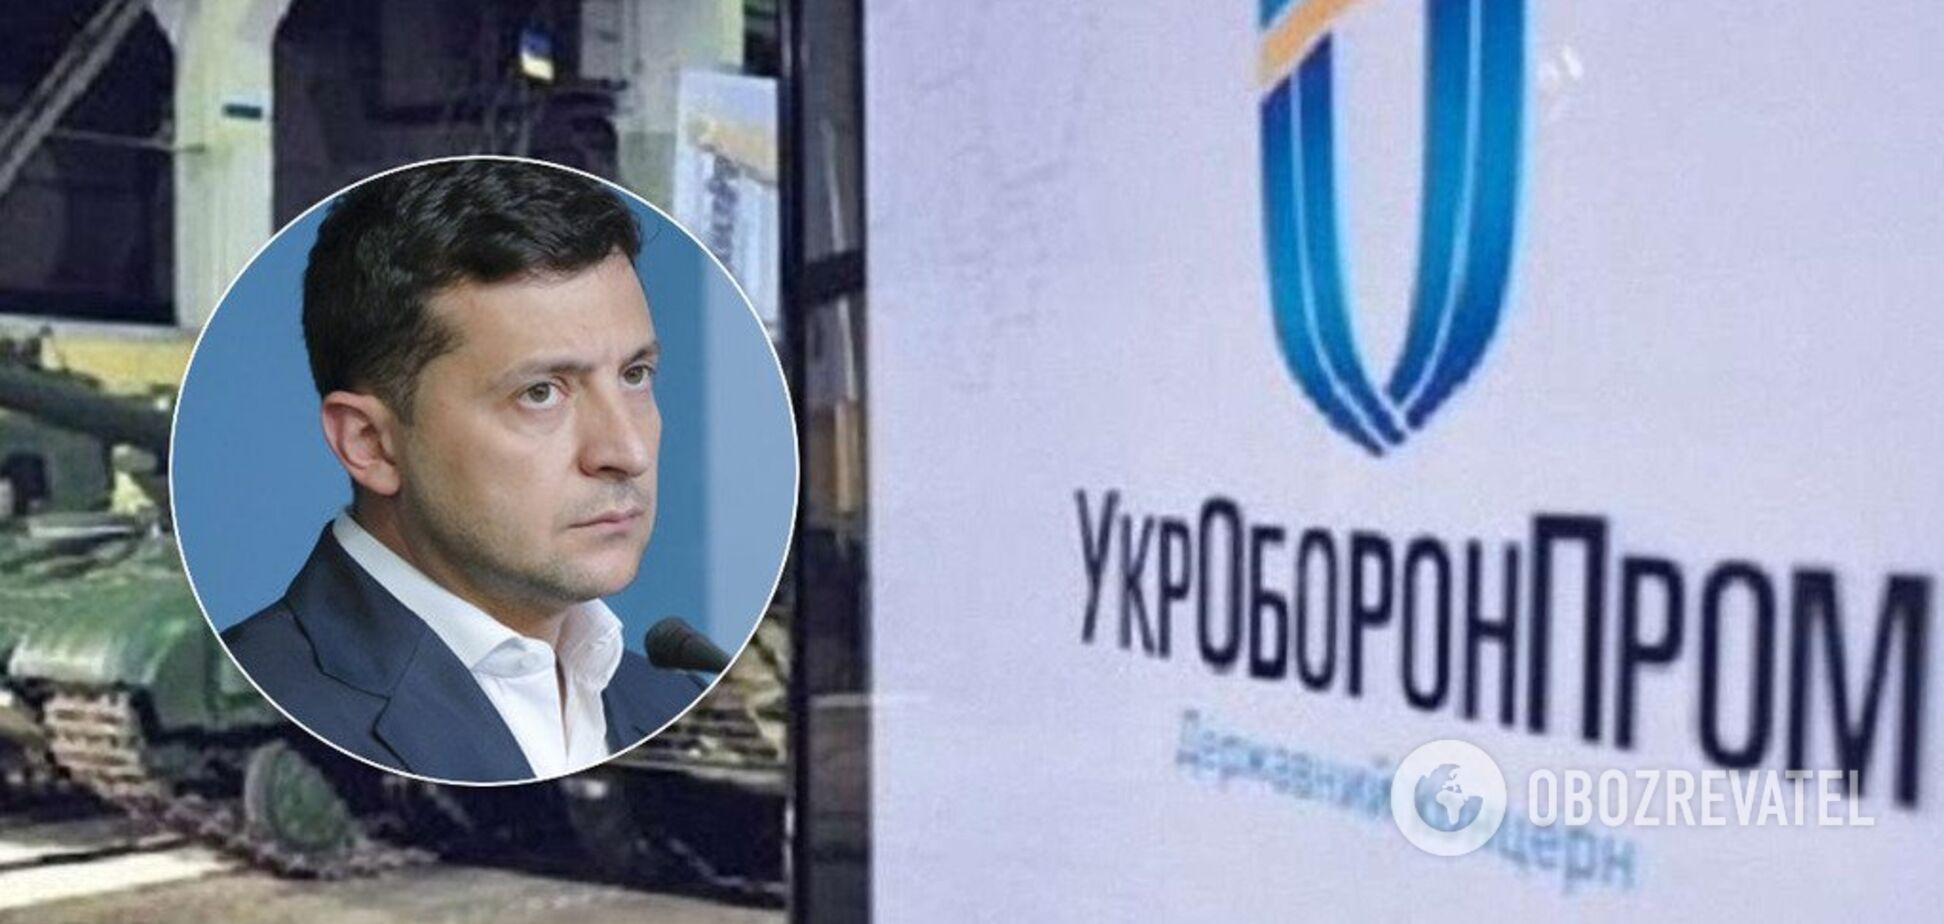 Зеленський і Укроборонпром